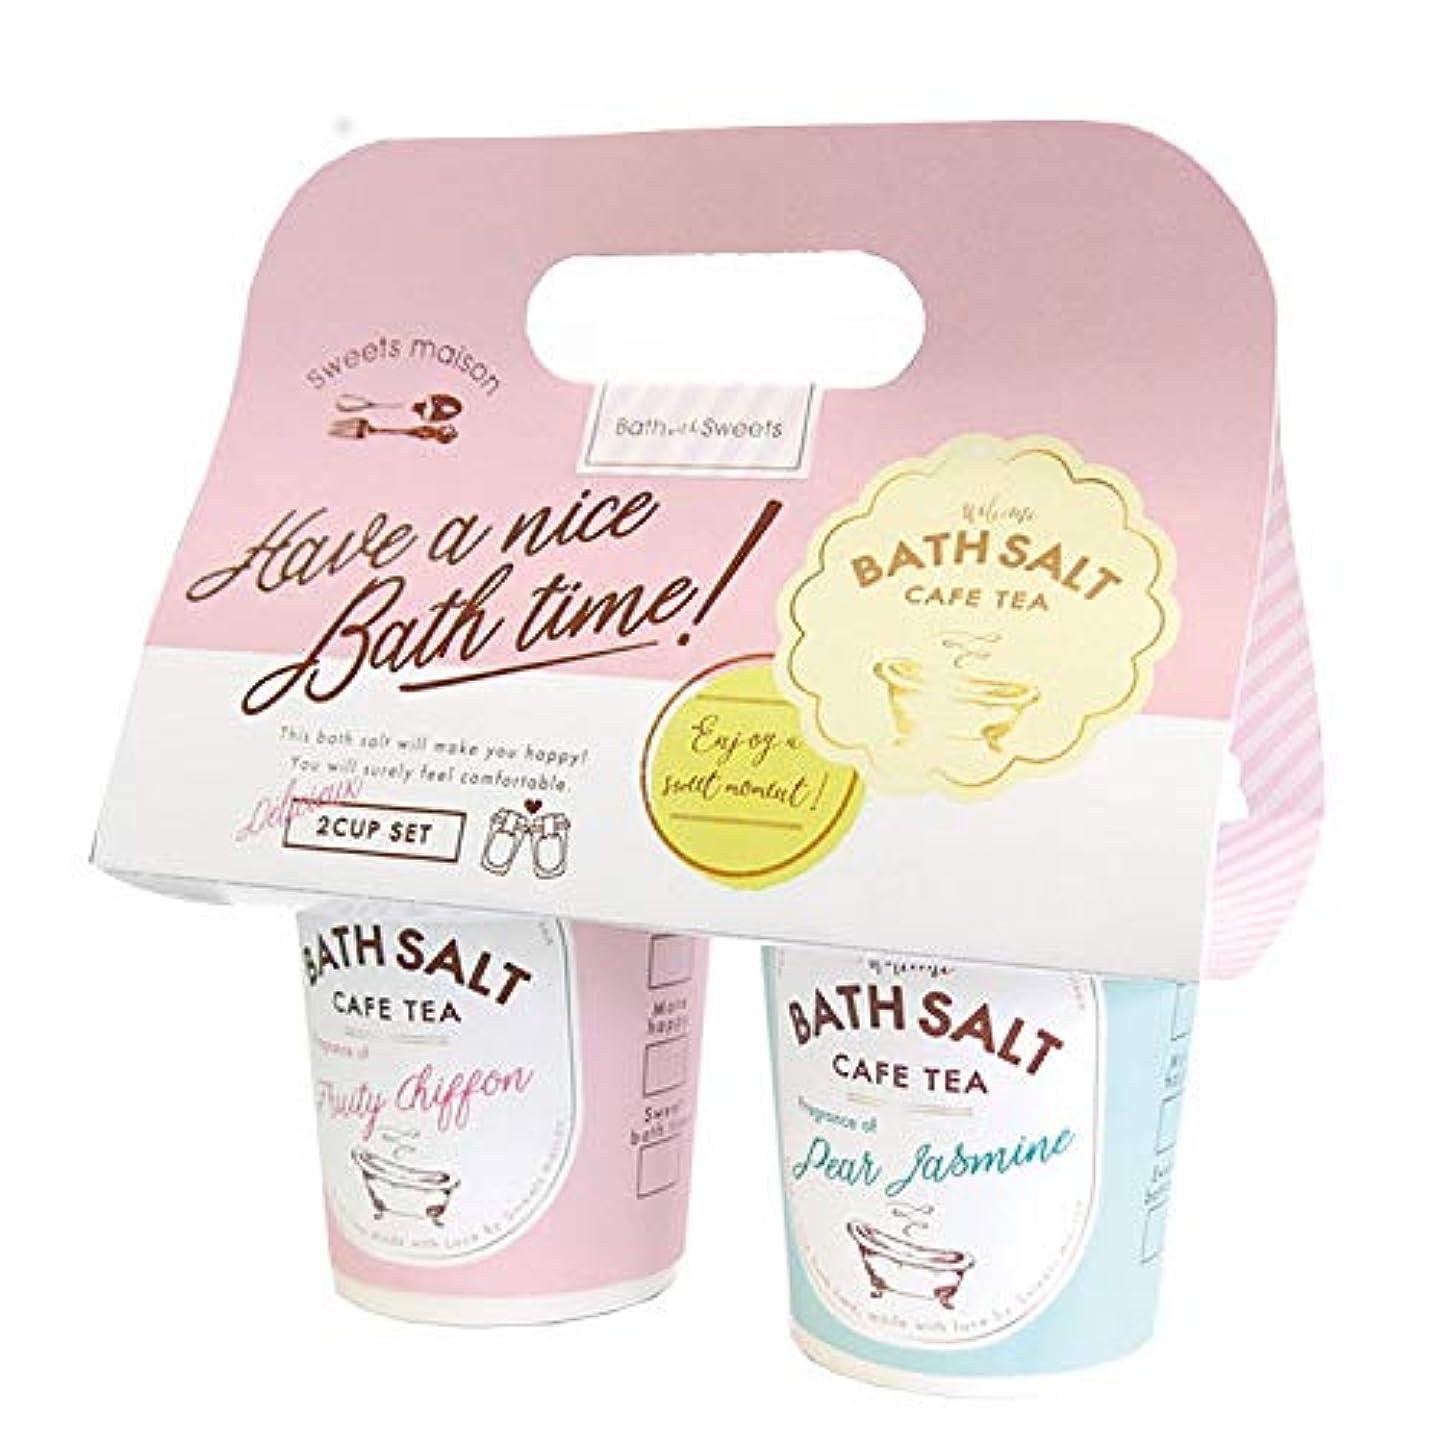 長方形ホップ海洋のノルコーポレーション sweets maison OB-SMM-49-1 カフェティーバスソルト2カップセット ギフト [297987]